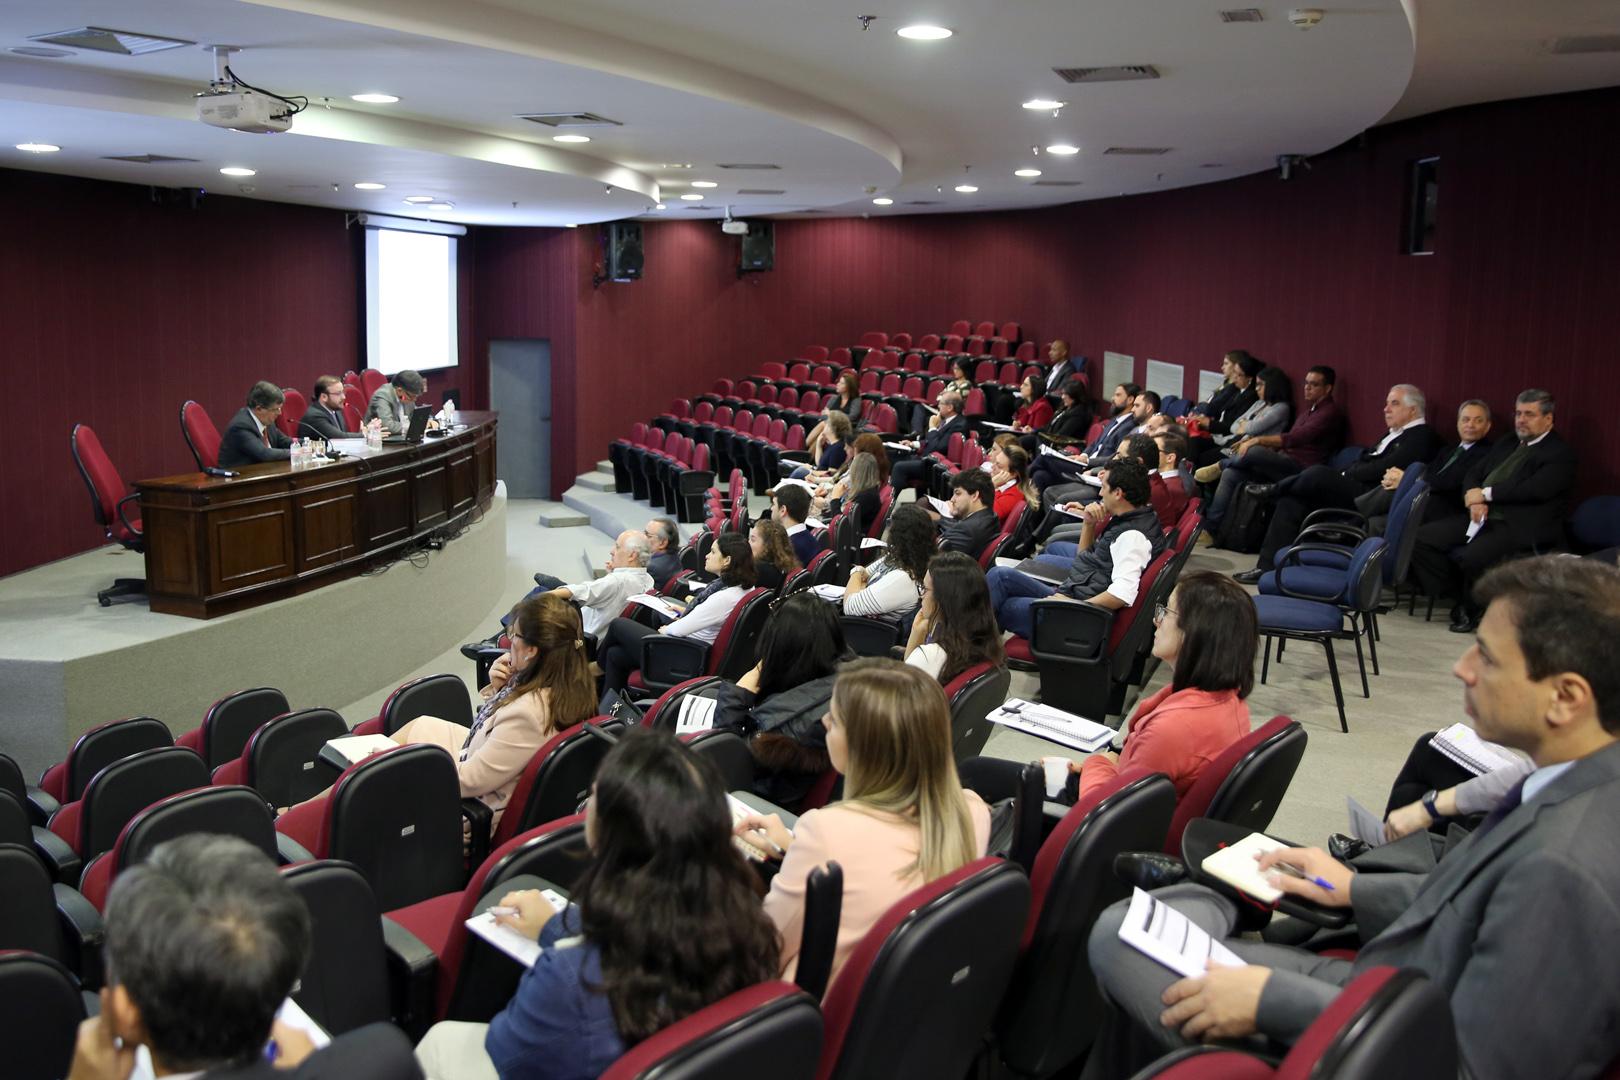 EPM inicia o curso 'Temas contemporâneos de direitos reais' no Gade 9 de Julho